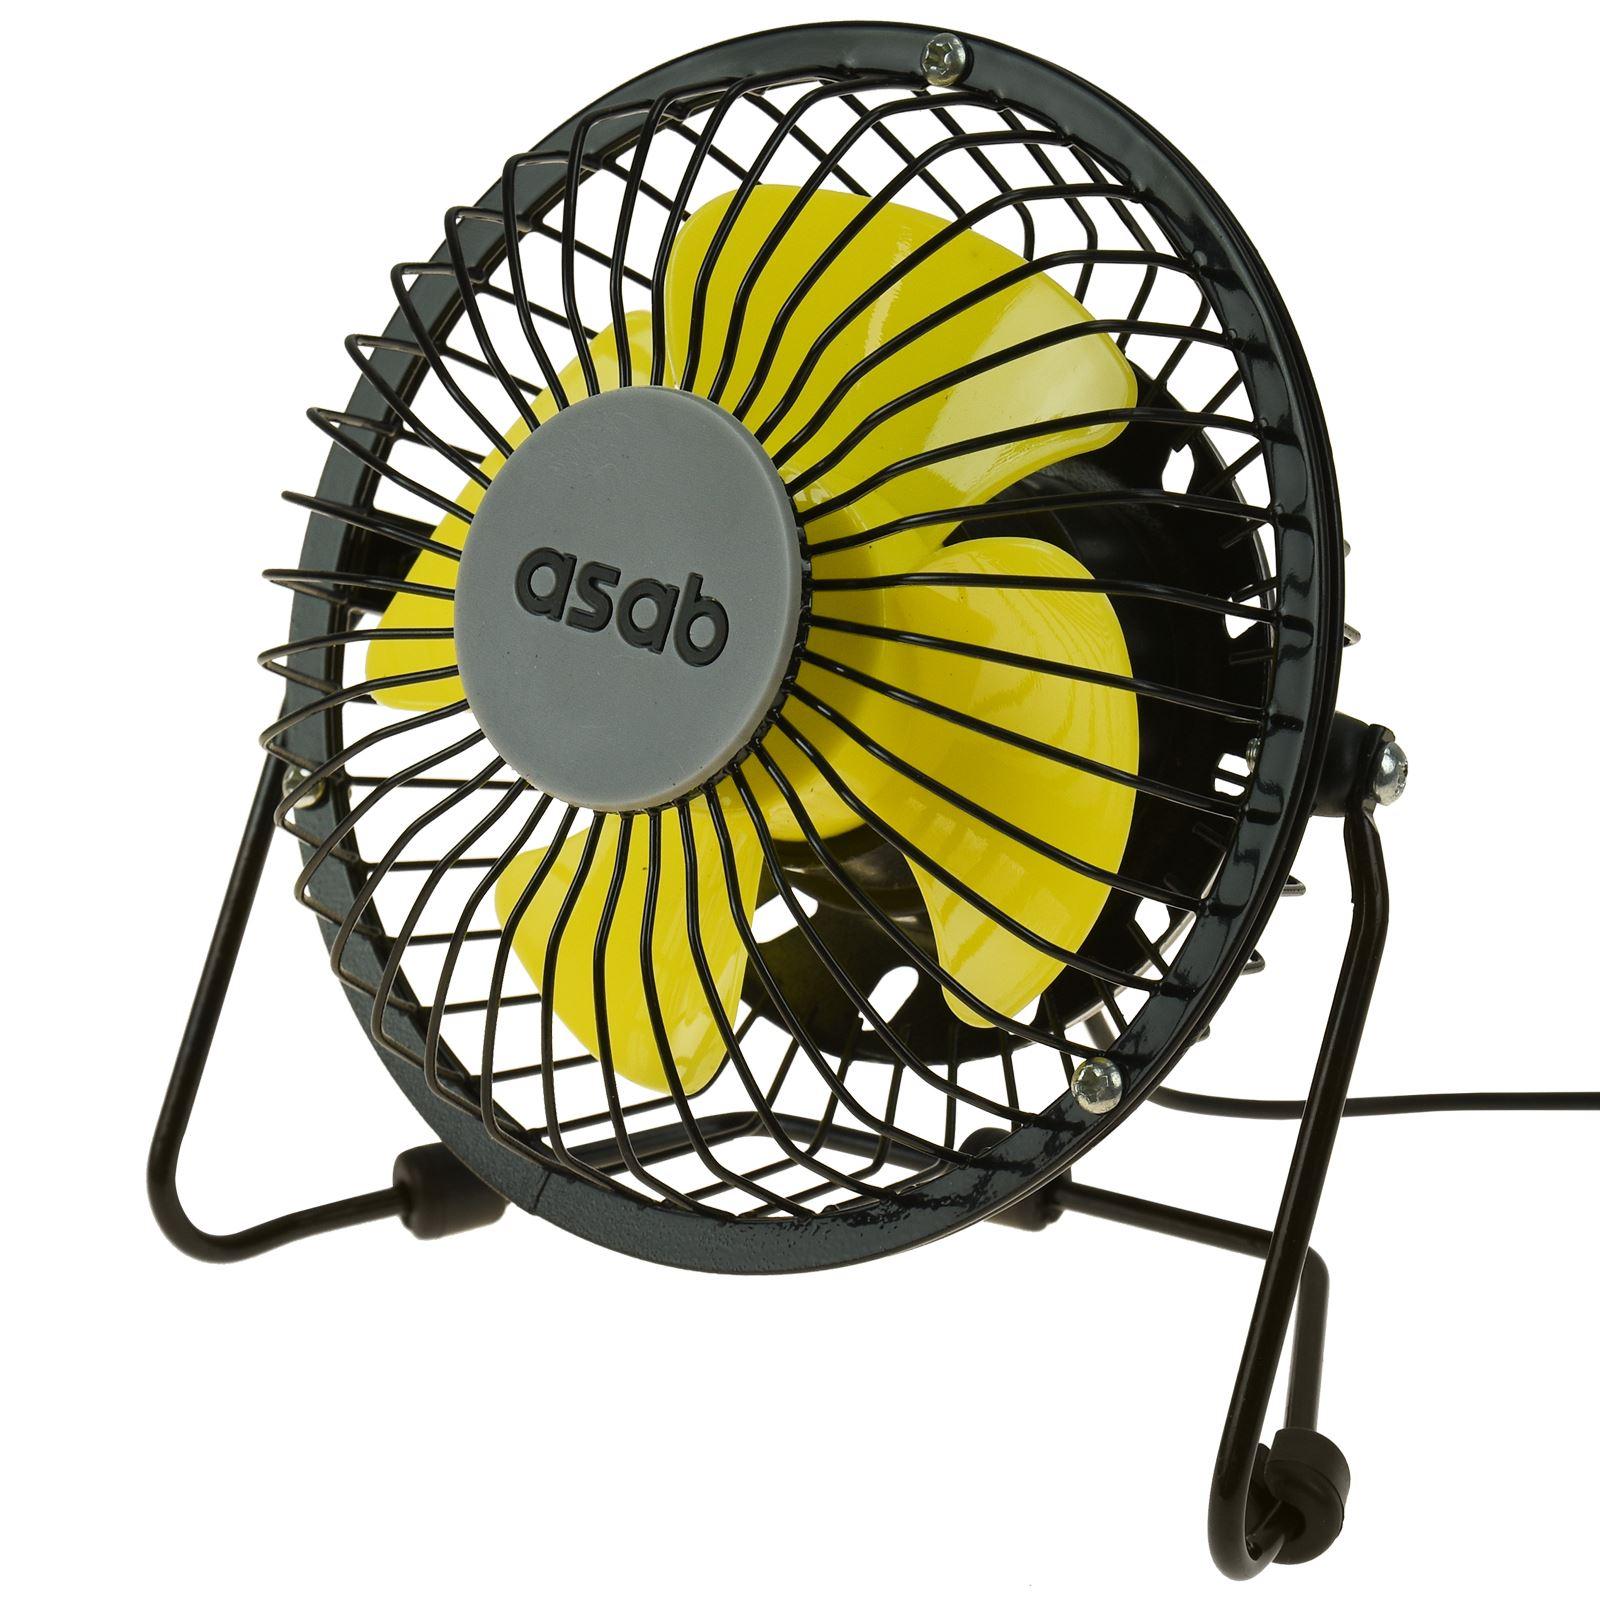 Home Work Desktop Fan Pedestal Large 16 Inch Oscillating Turning Cooler 3 Speed